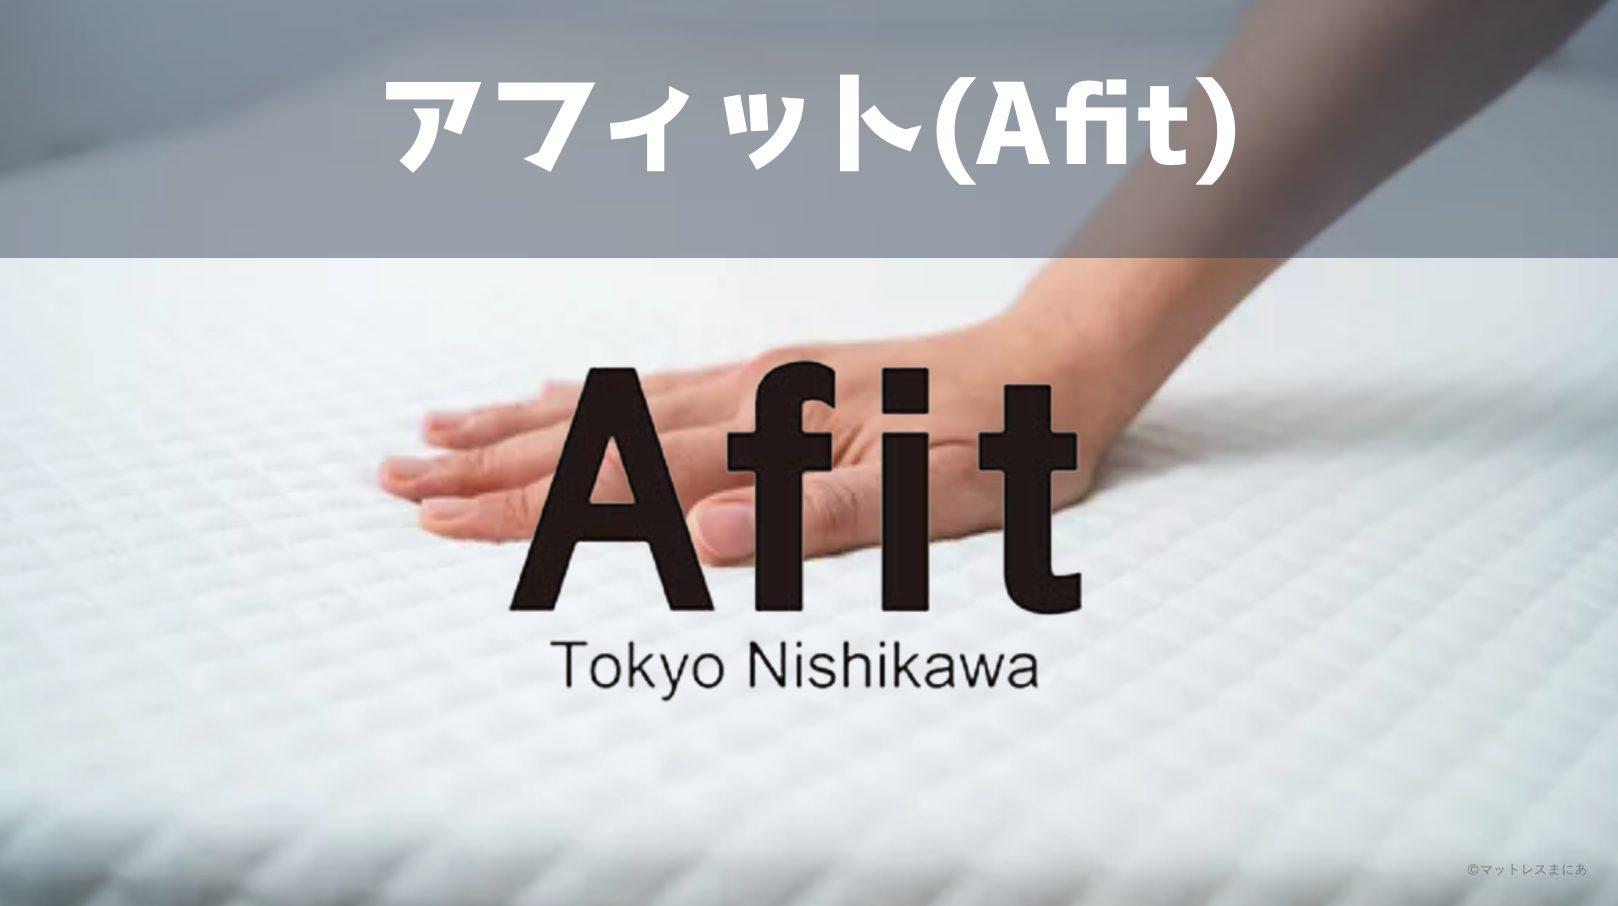 東京西川アフィット(Afit)マットレスの口コミ&評判|腰痛改善は?カバー必要?